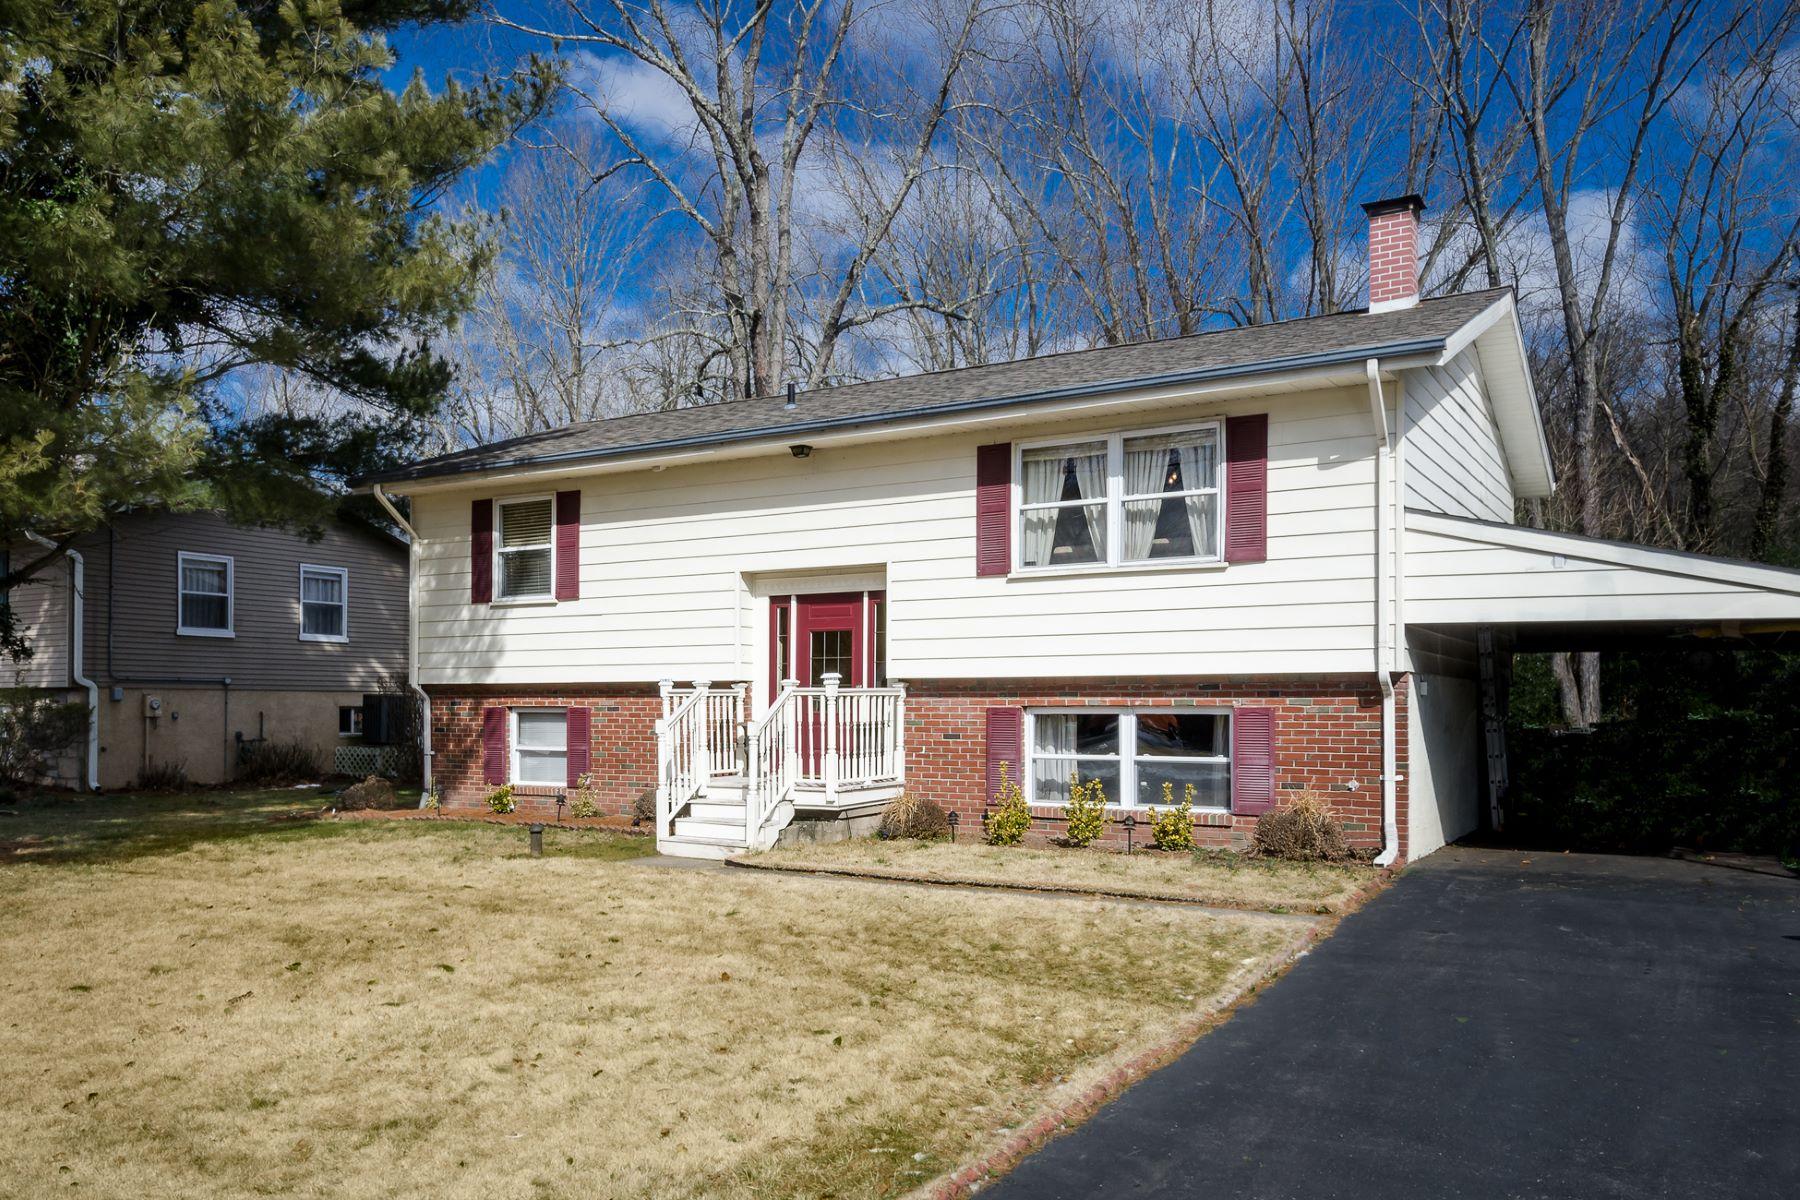 Maison unifamiliale pour l Vente à There's A Lot To Love Here 15 Mill Street Stockton, New Jersey, 08559 États-Unis